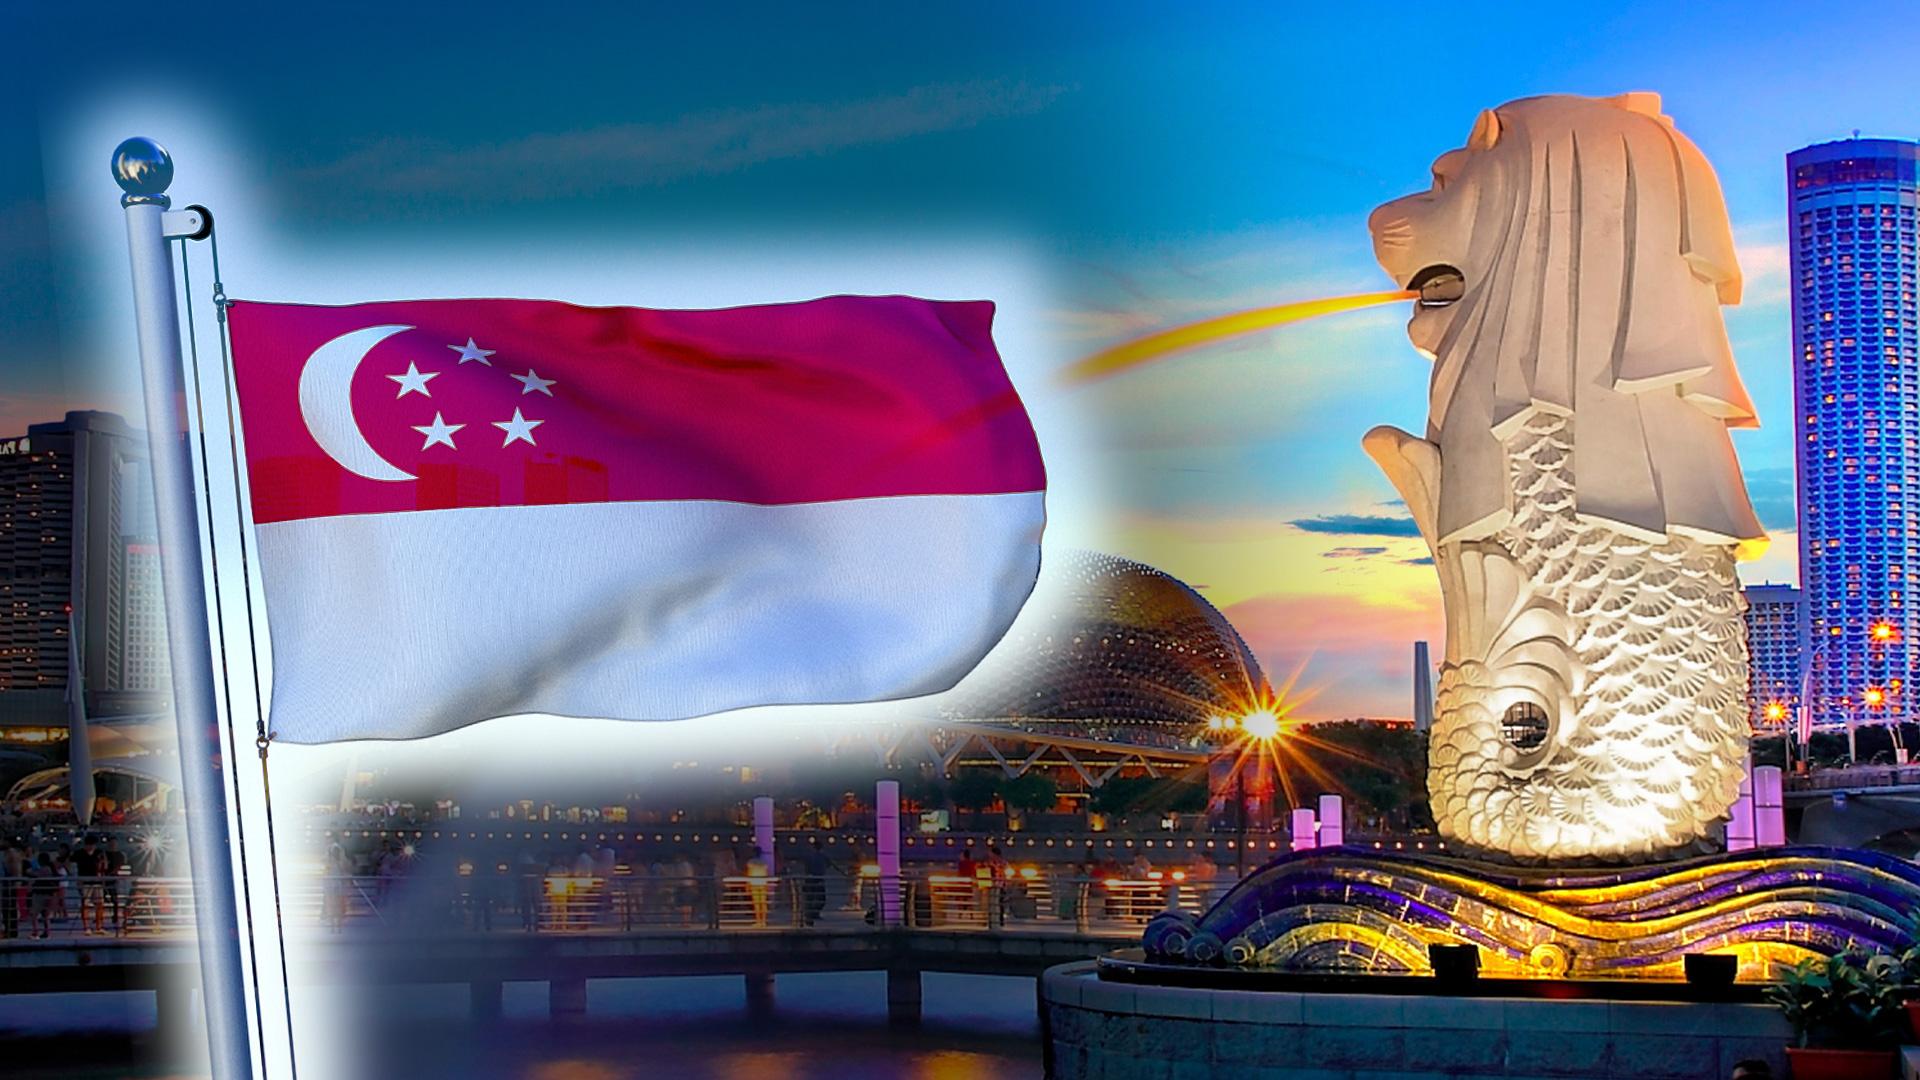 Bahasa Melayu Identiti Singapura – Perubahan Lingua Franca Berpunca dari Penjajahan